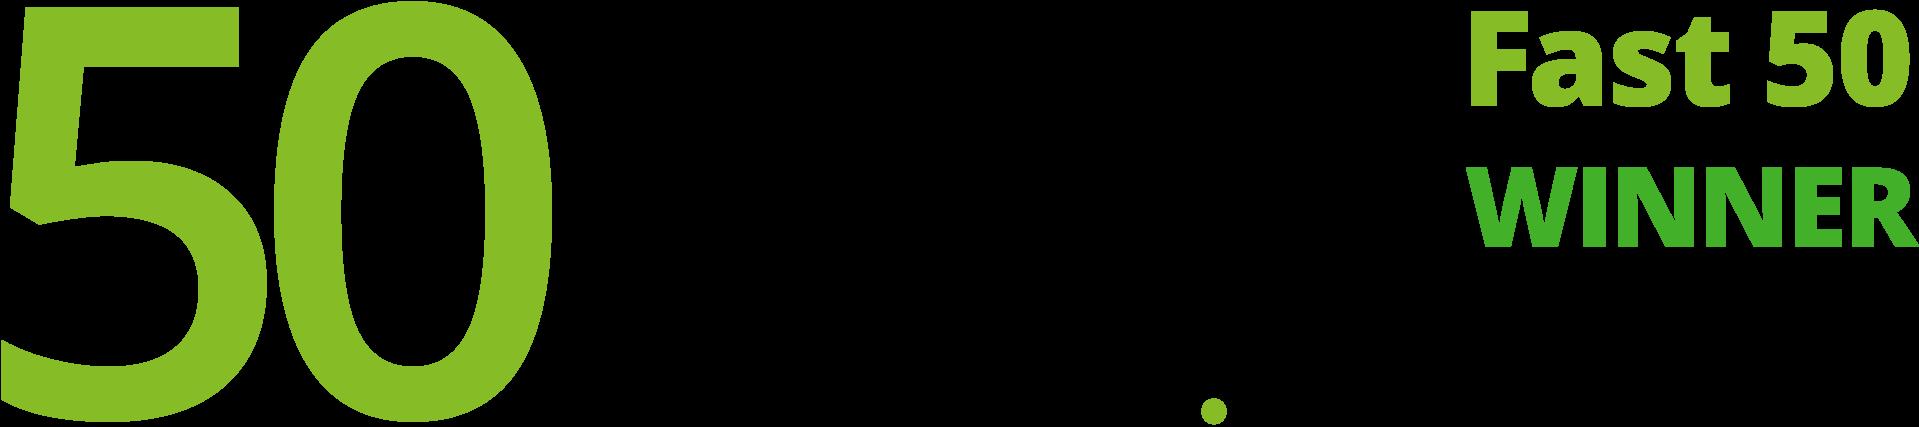 Deloitte Fast 50 winner logo